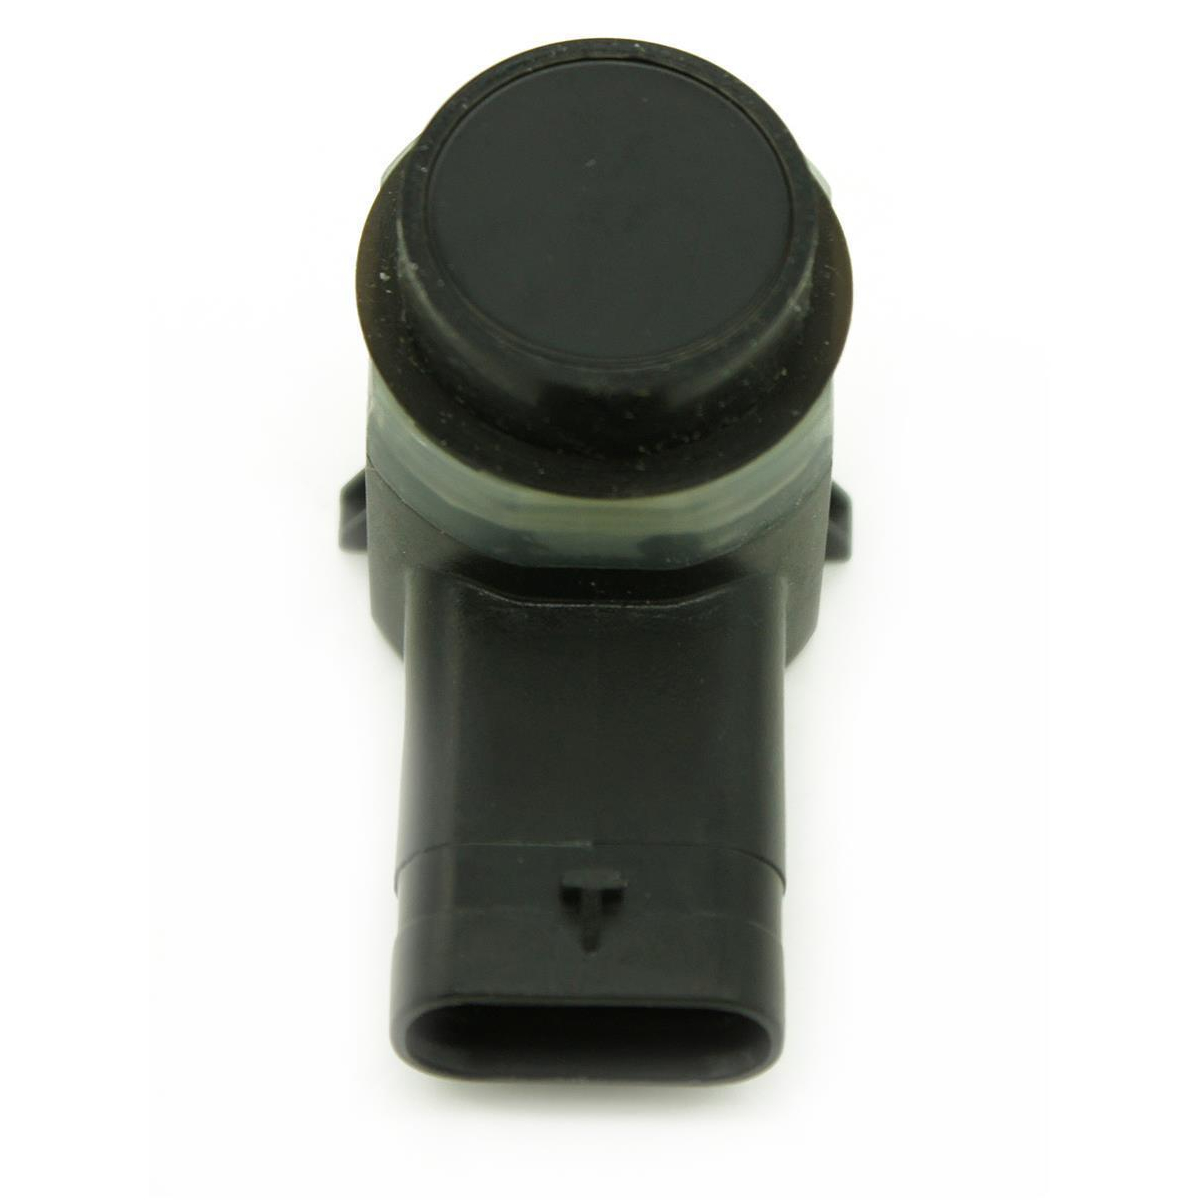 Park sensor 1765449 for Ford PDC Parktronic